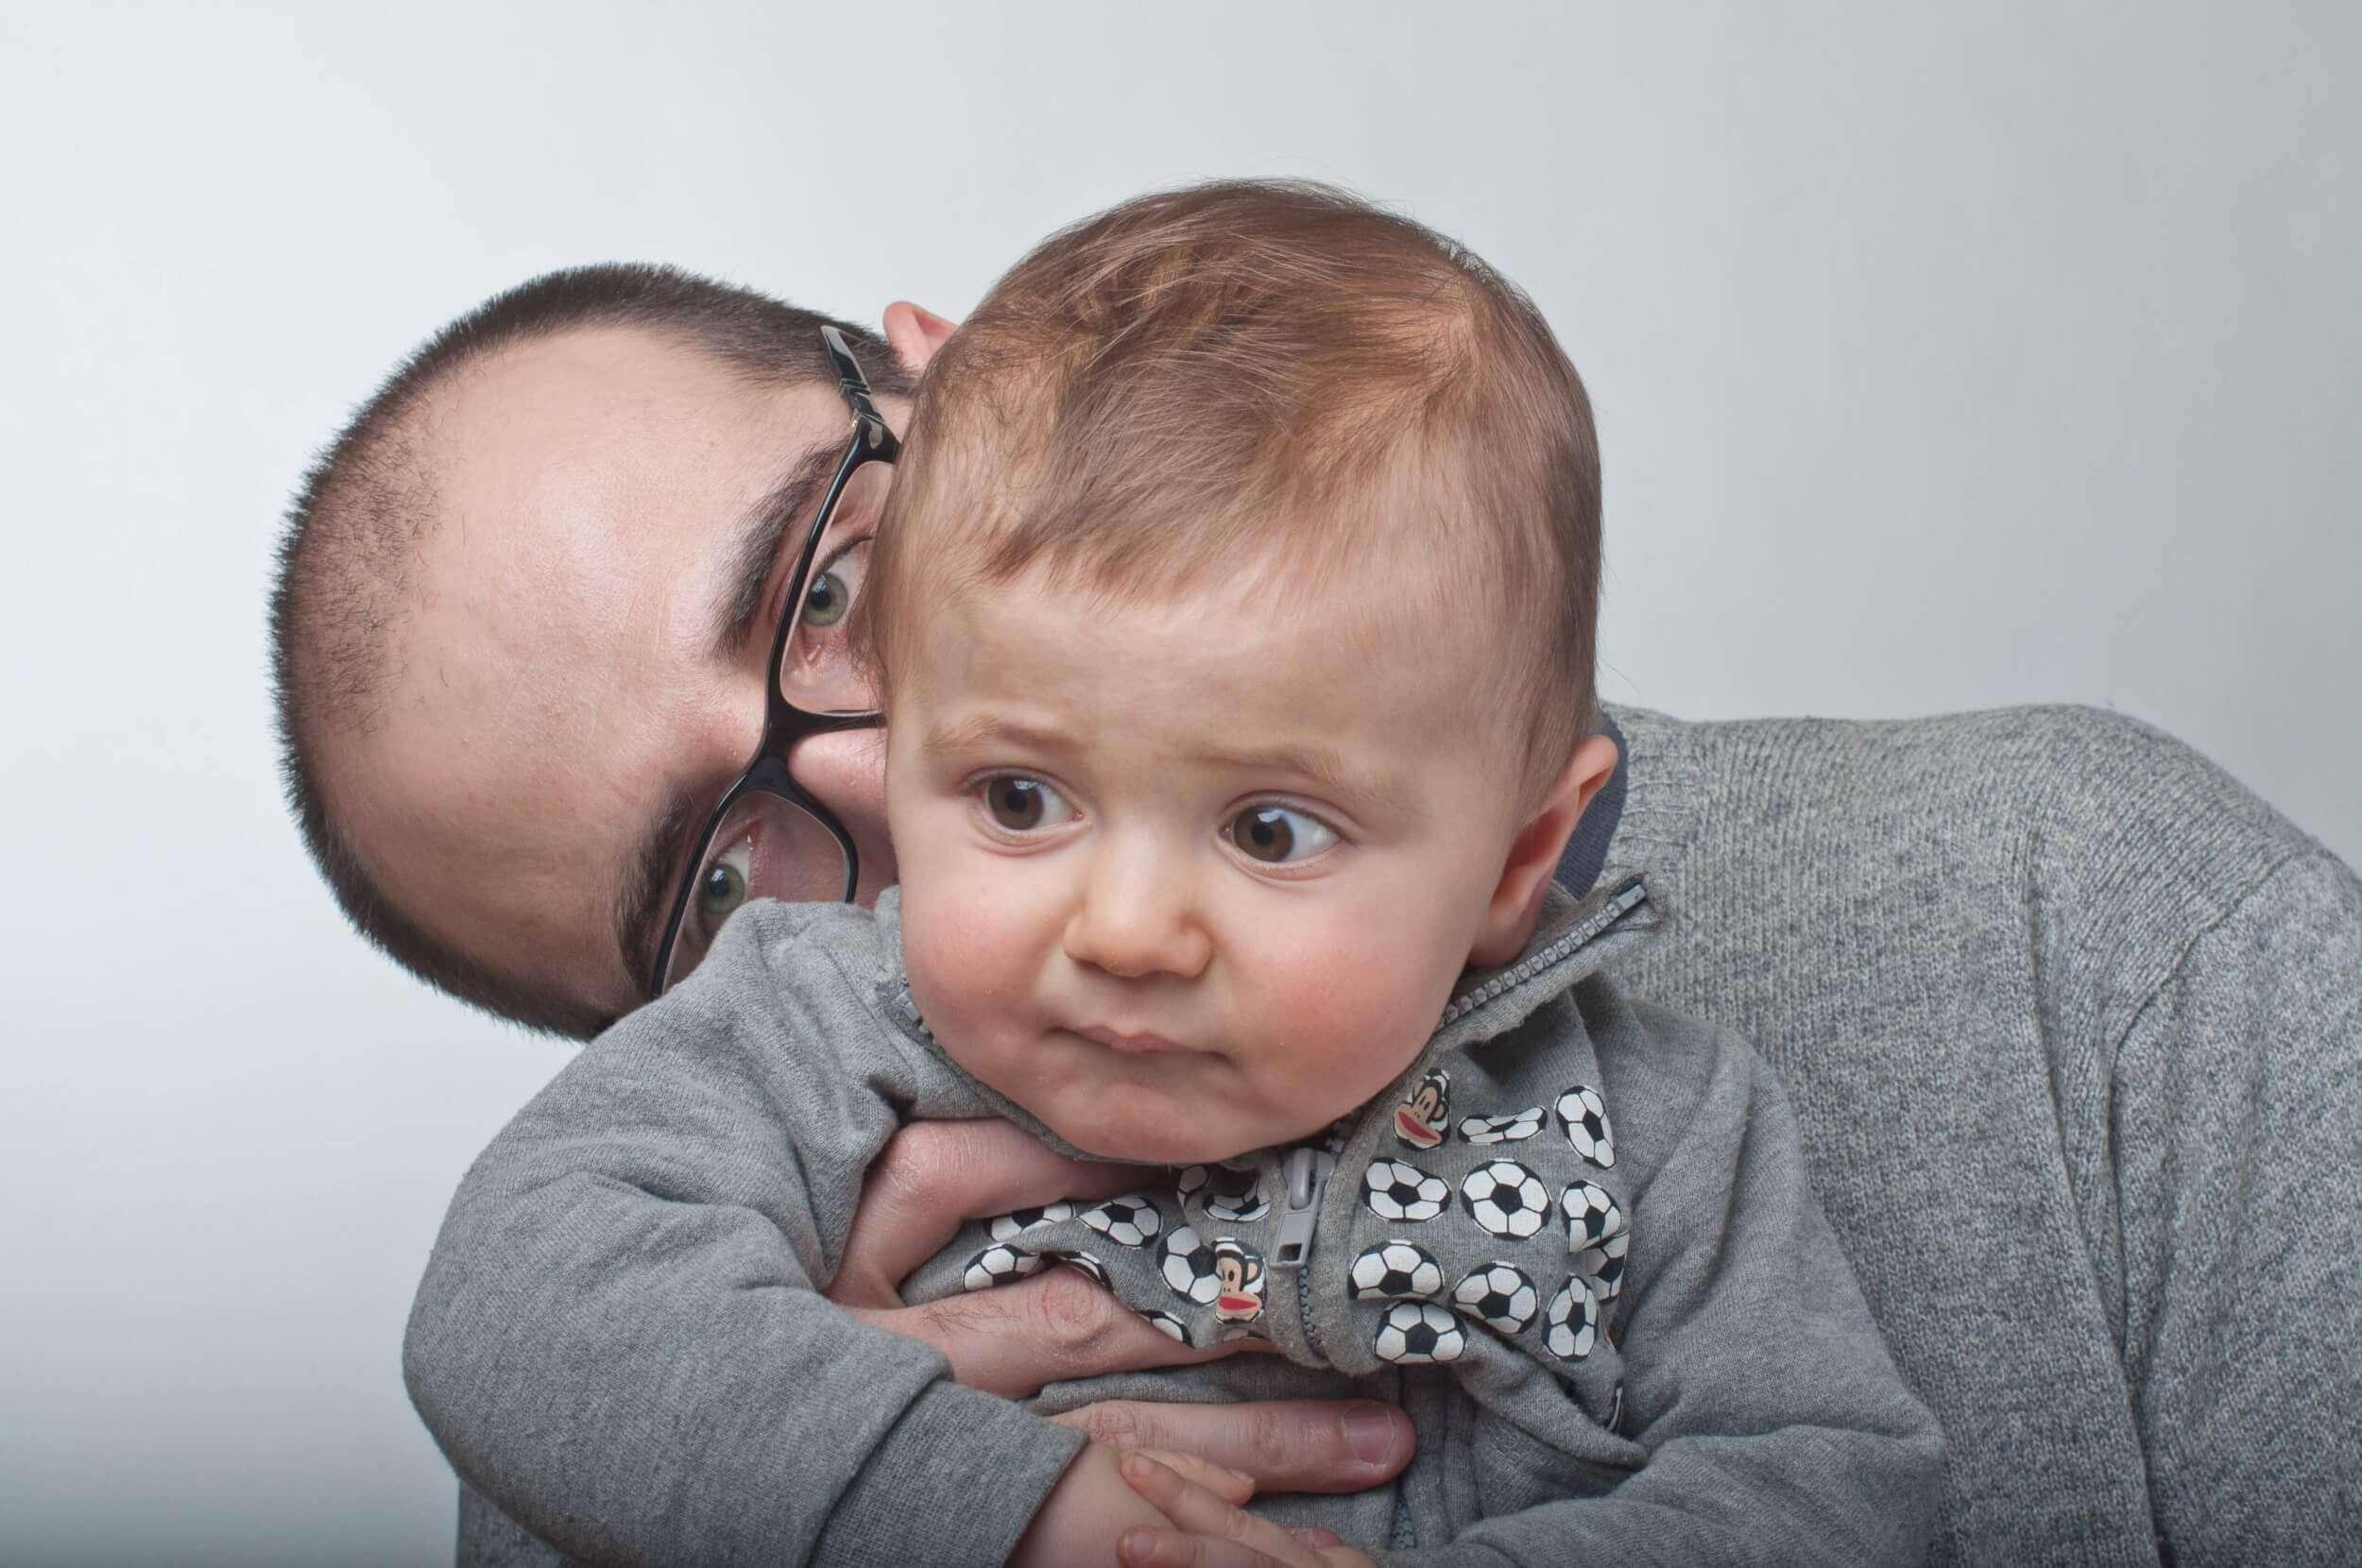 Glück als junger Vater (c) tamino54 / pixabay.de